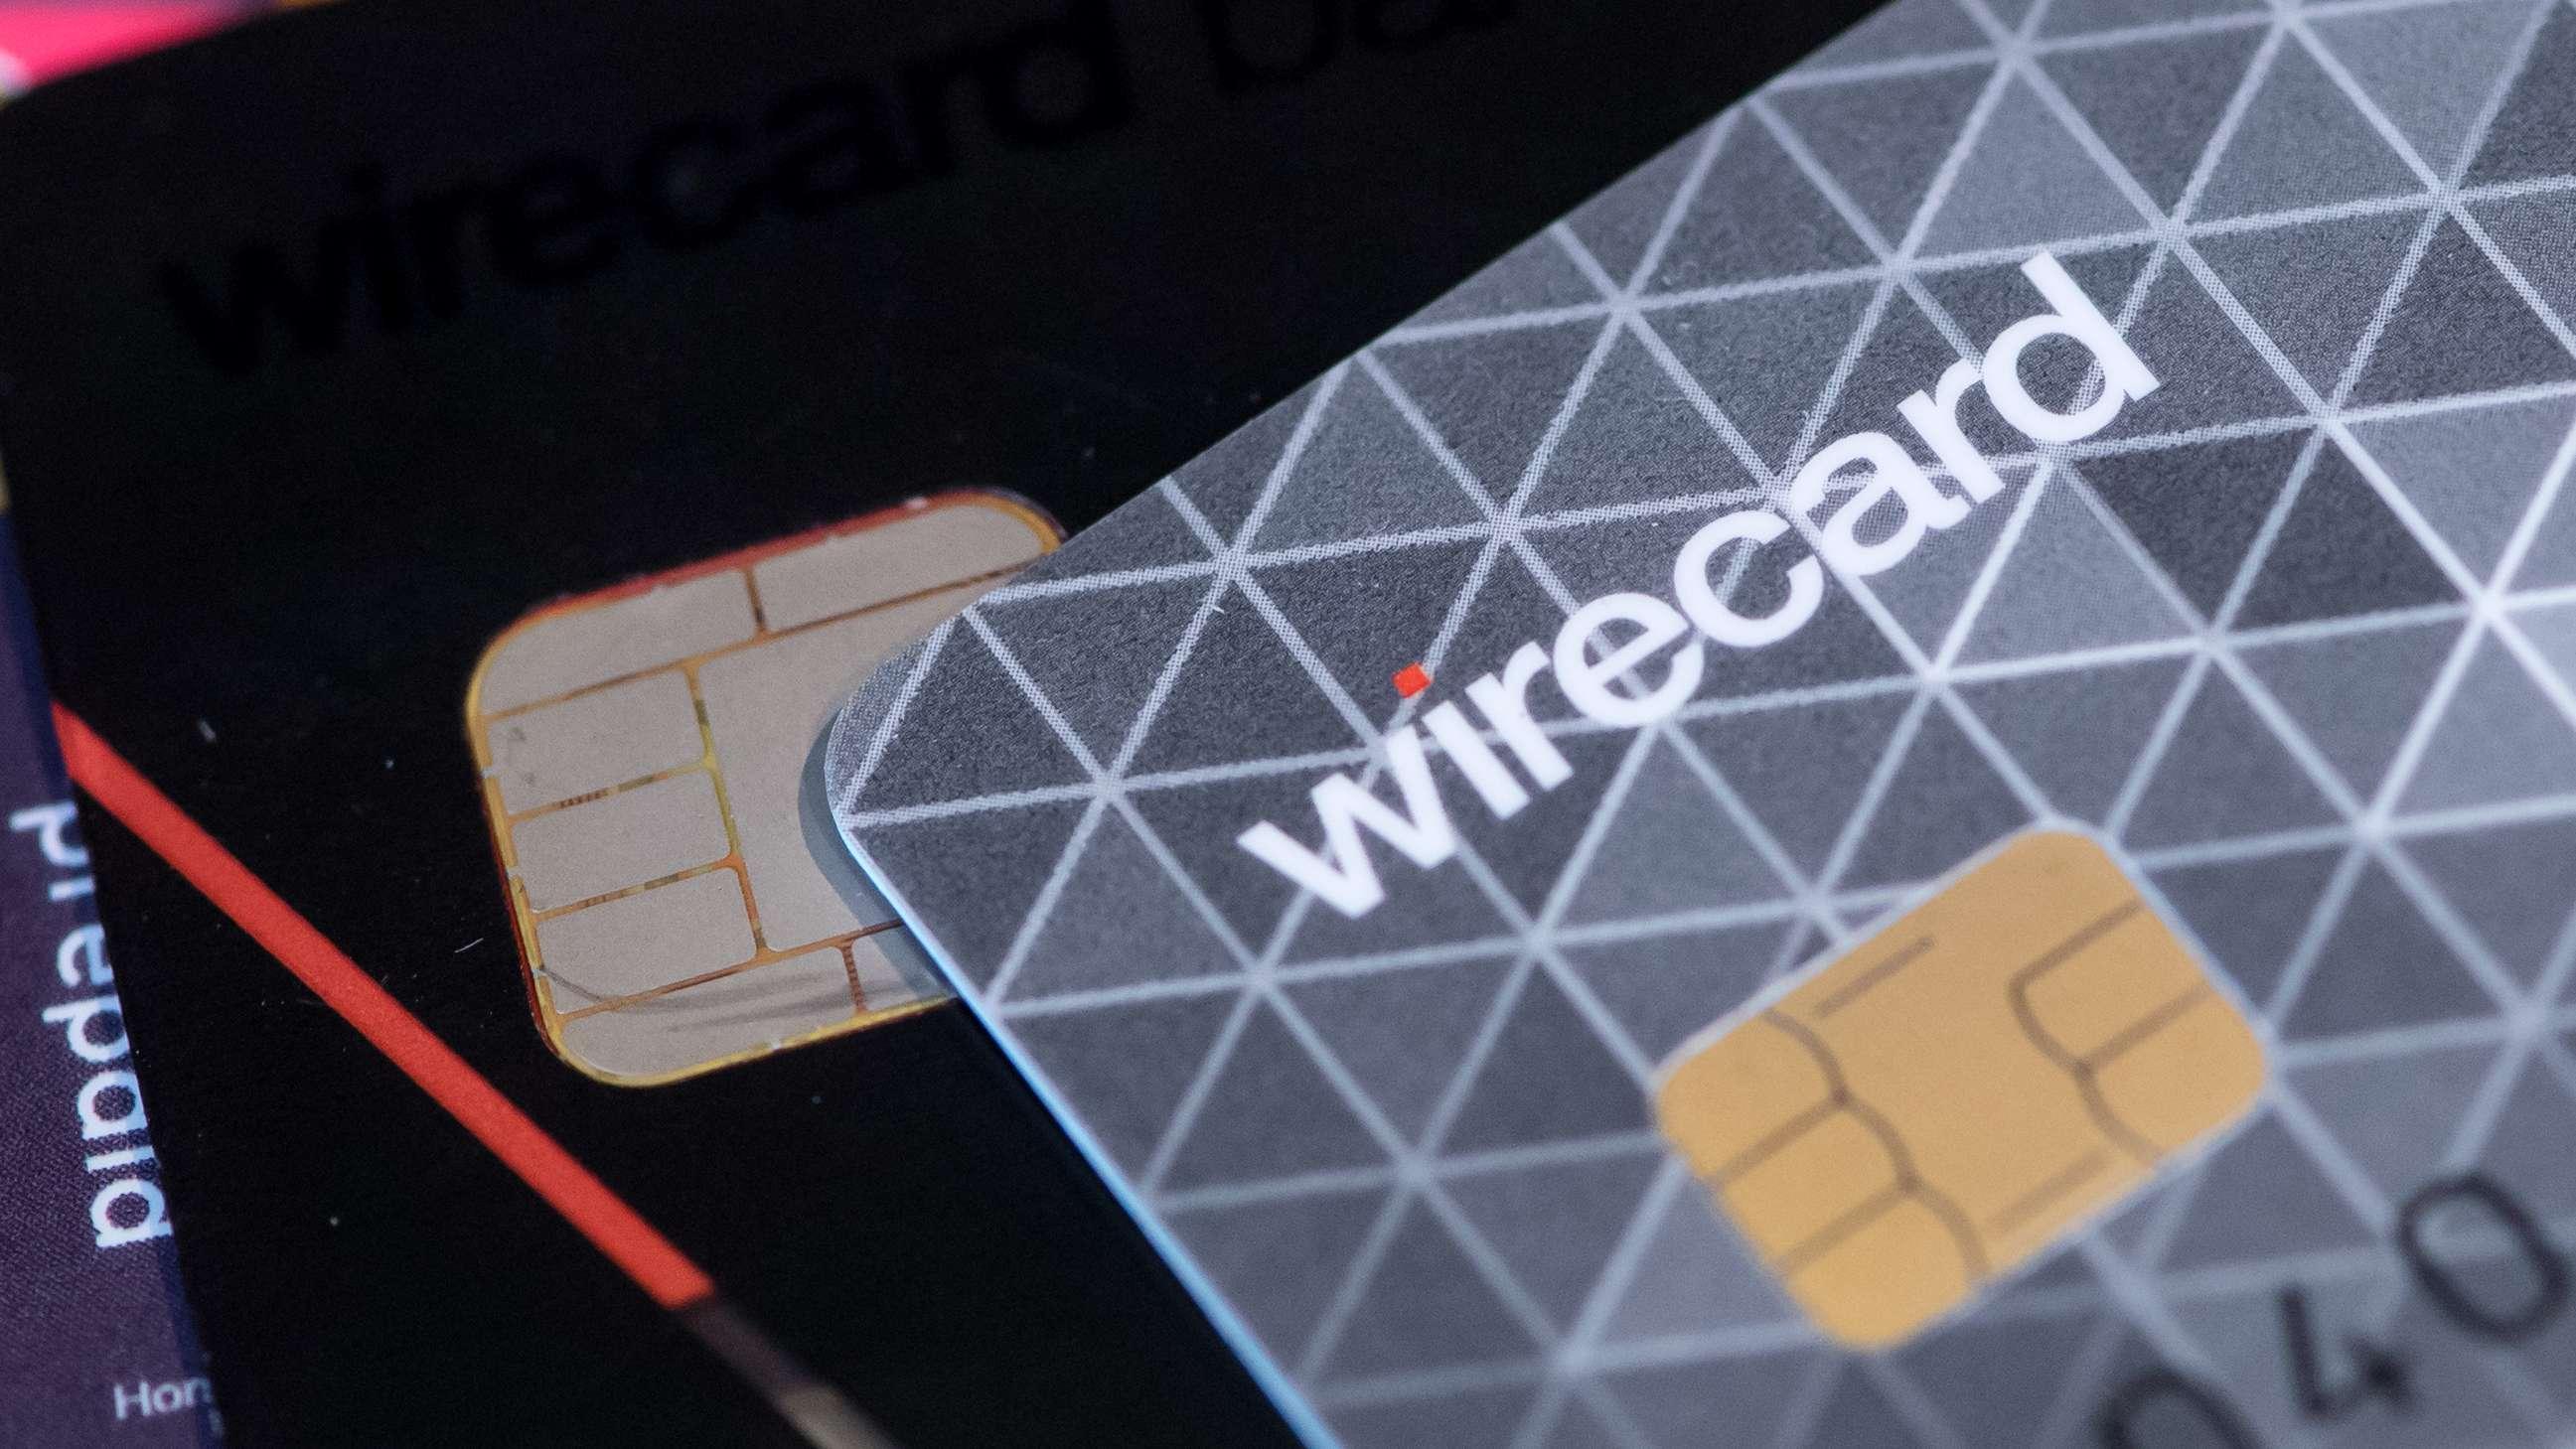 Kreditkarten zum kontaktlosen Bezahlen liegen in einem Showroom von Wirecard auf einem Tisch.